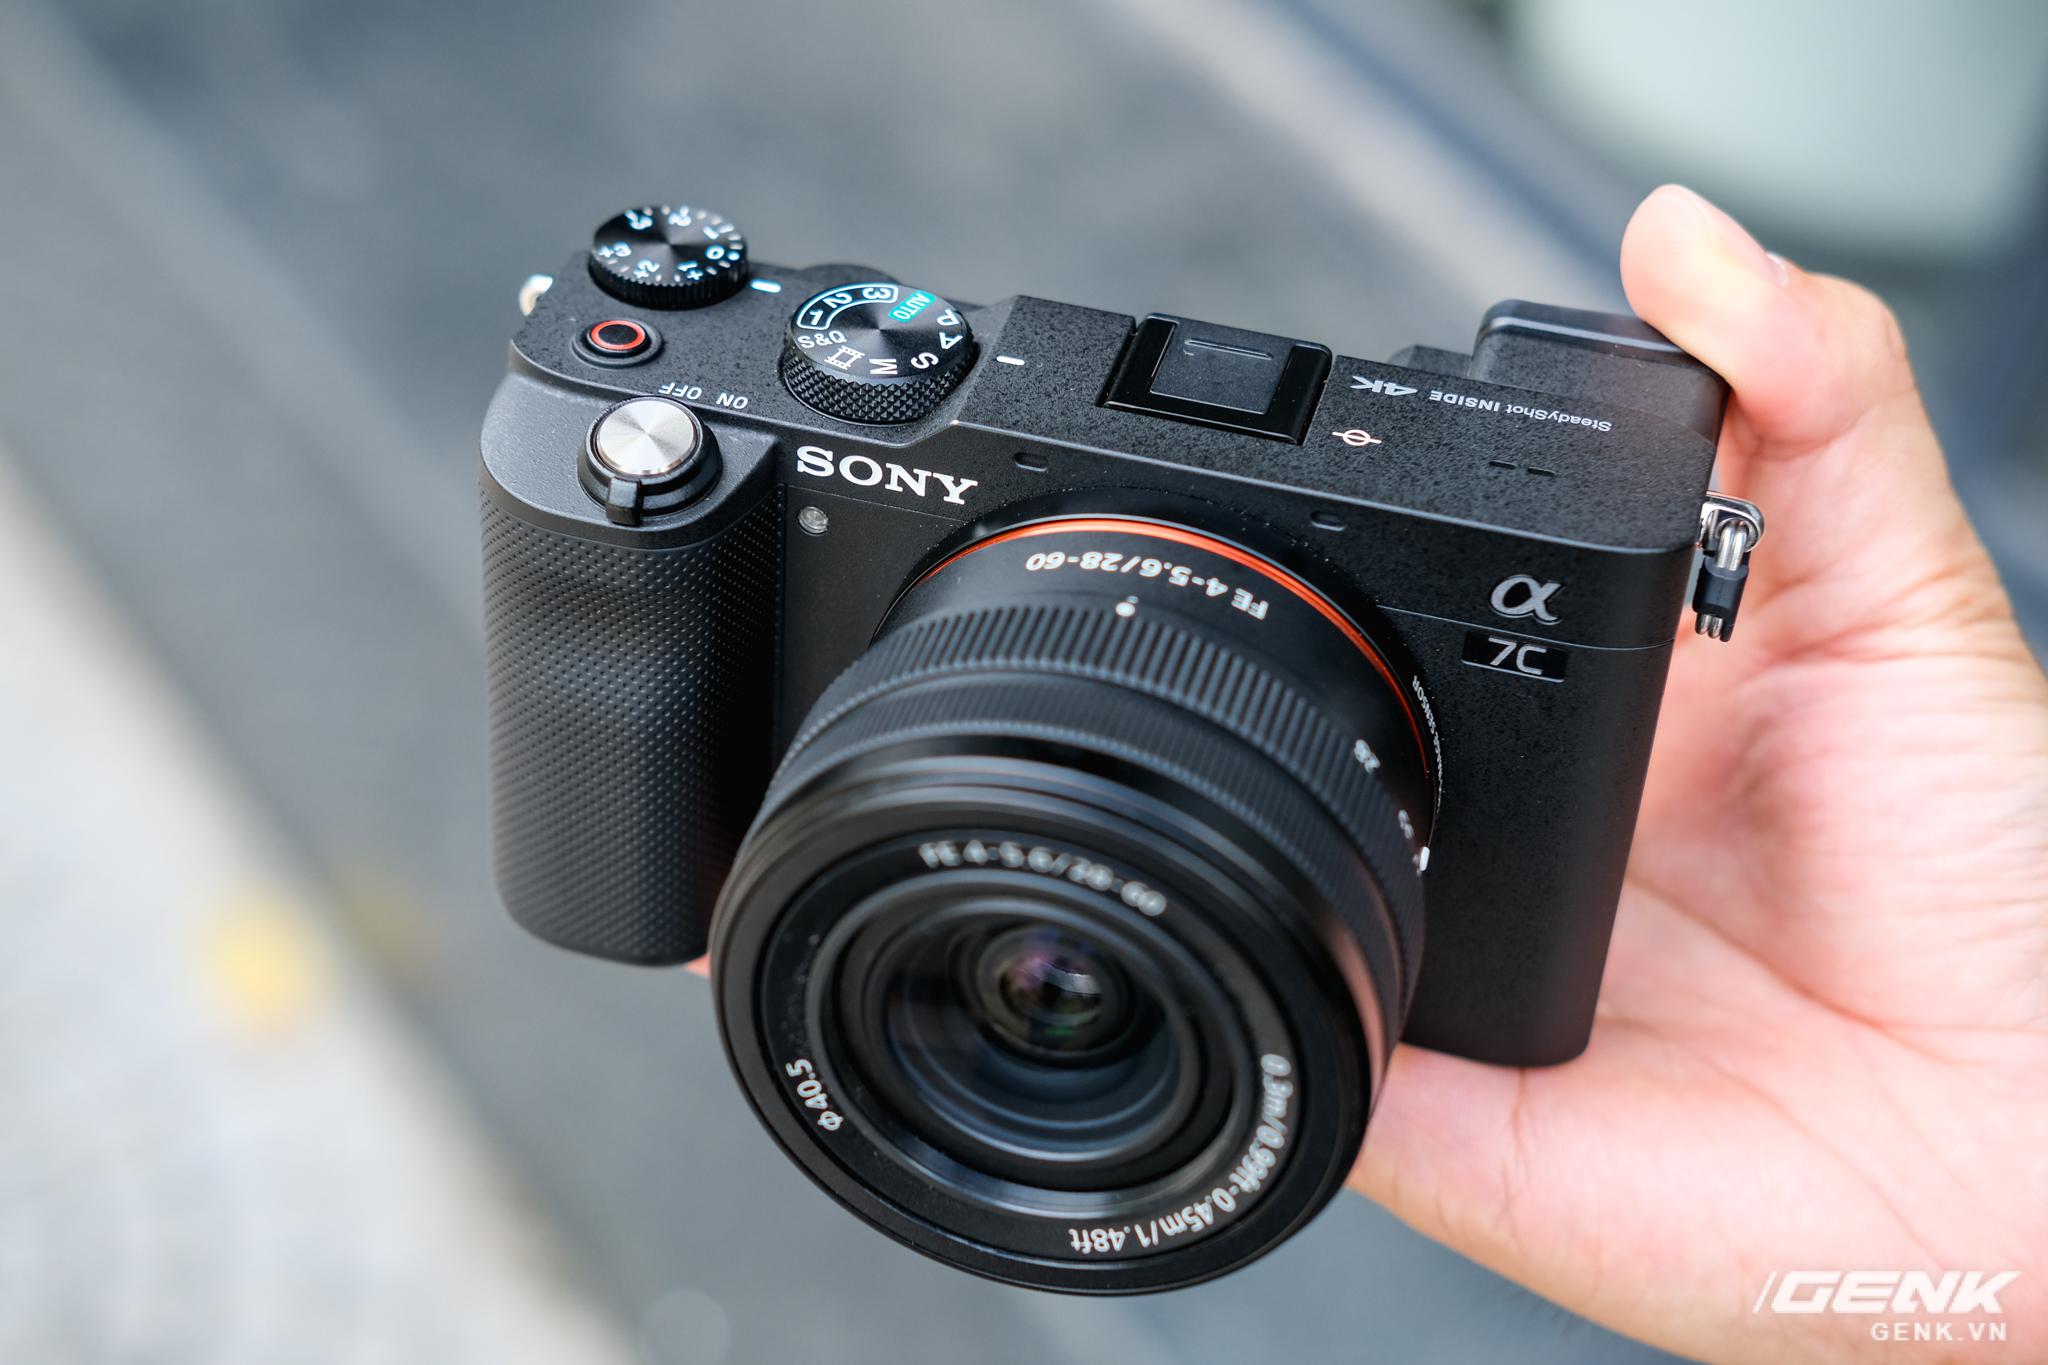 Trên tay chiếc máy ảnh Full Frame nhỏ nhất của Sony tại Việt Nam: Đẹp, nhẹ và mạnh mẽ - Ảnh 14.